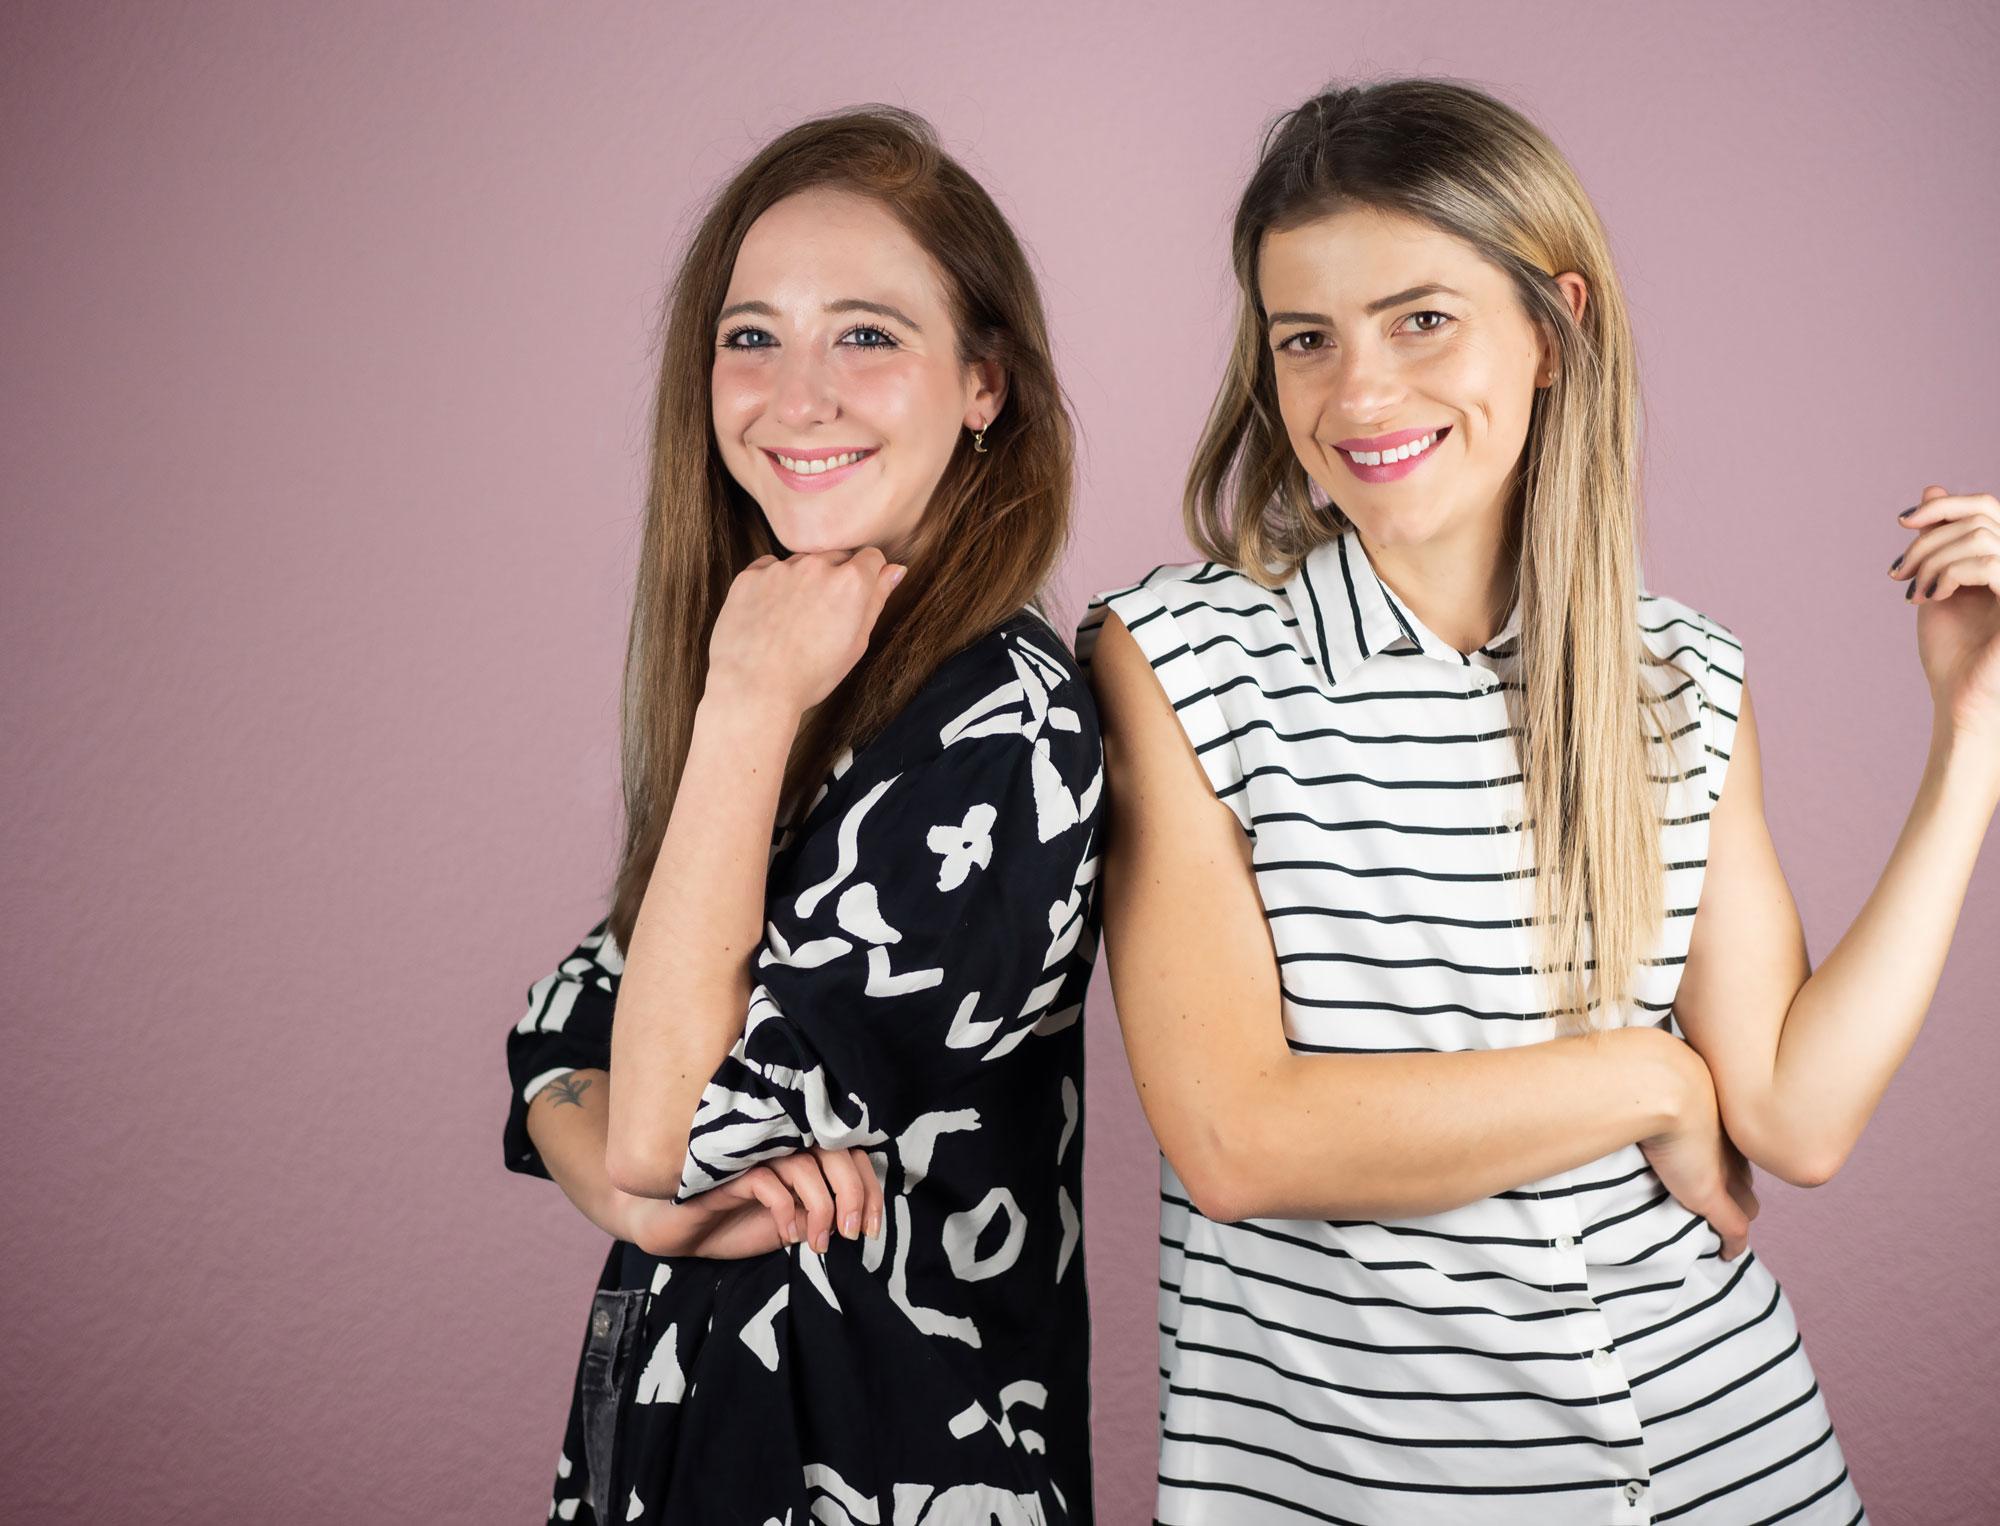 Teamfoto von Ronja Heinz und Melody Clemons. Team der Minerva Kreativagentur für Design Branding Websites und Marketing für die Gesundheitsbranche